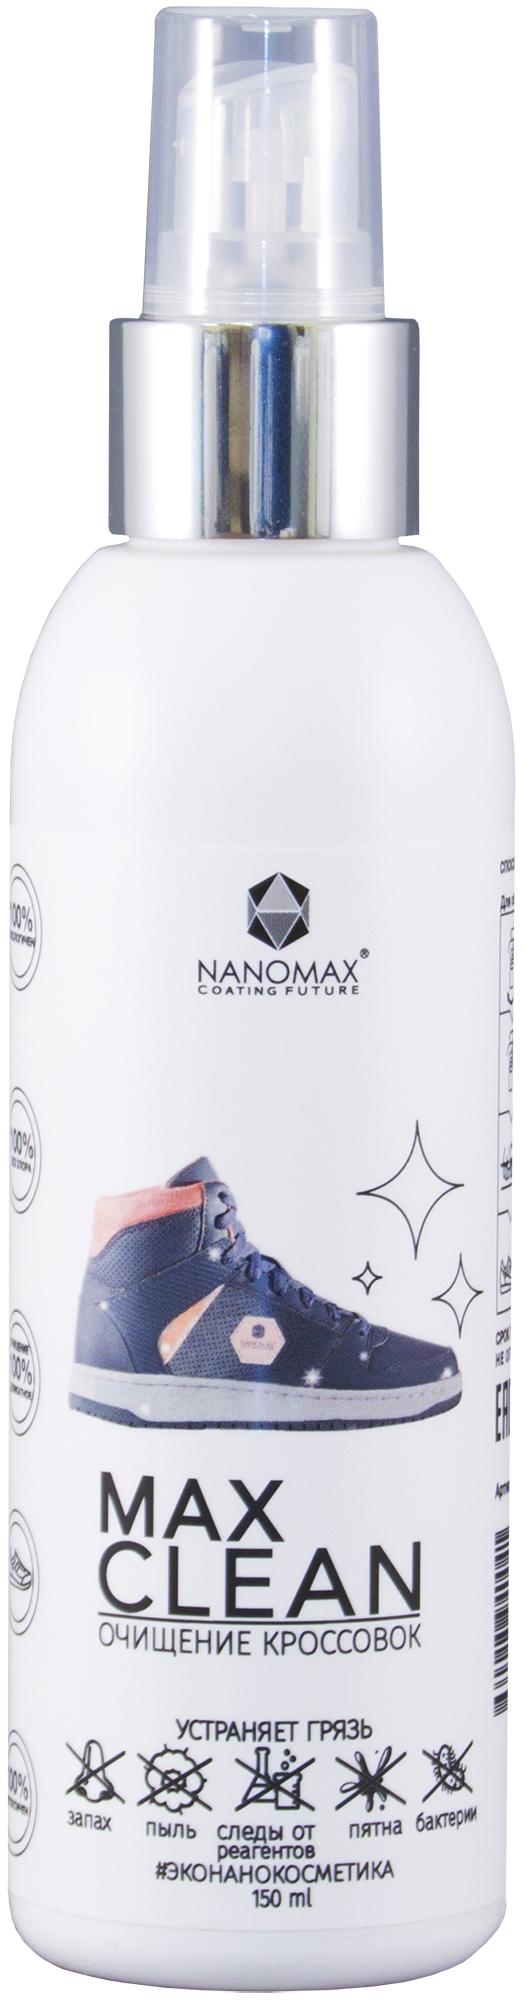 цена Nanomax Моющее средство Nanomax Max Clean